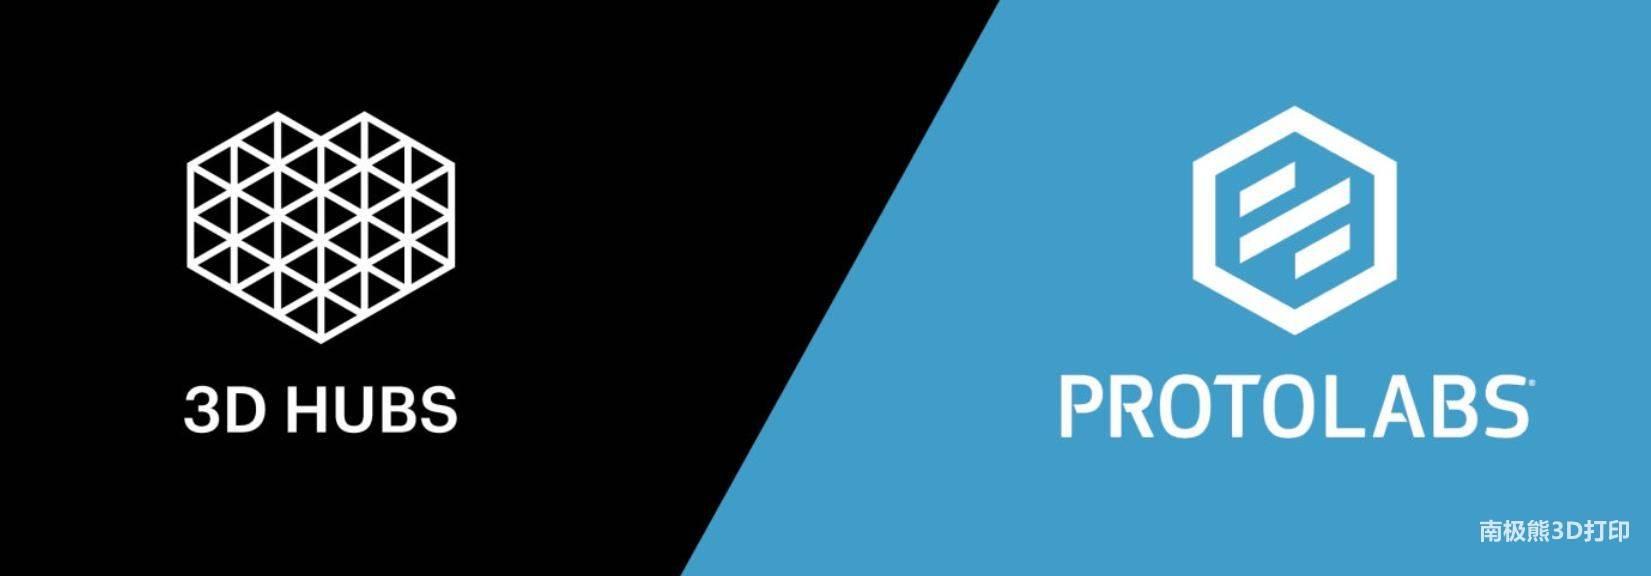 互联网3D打印加工平台:Protolabs以3.3亿美元并